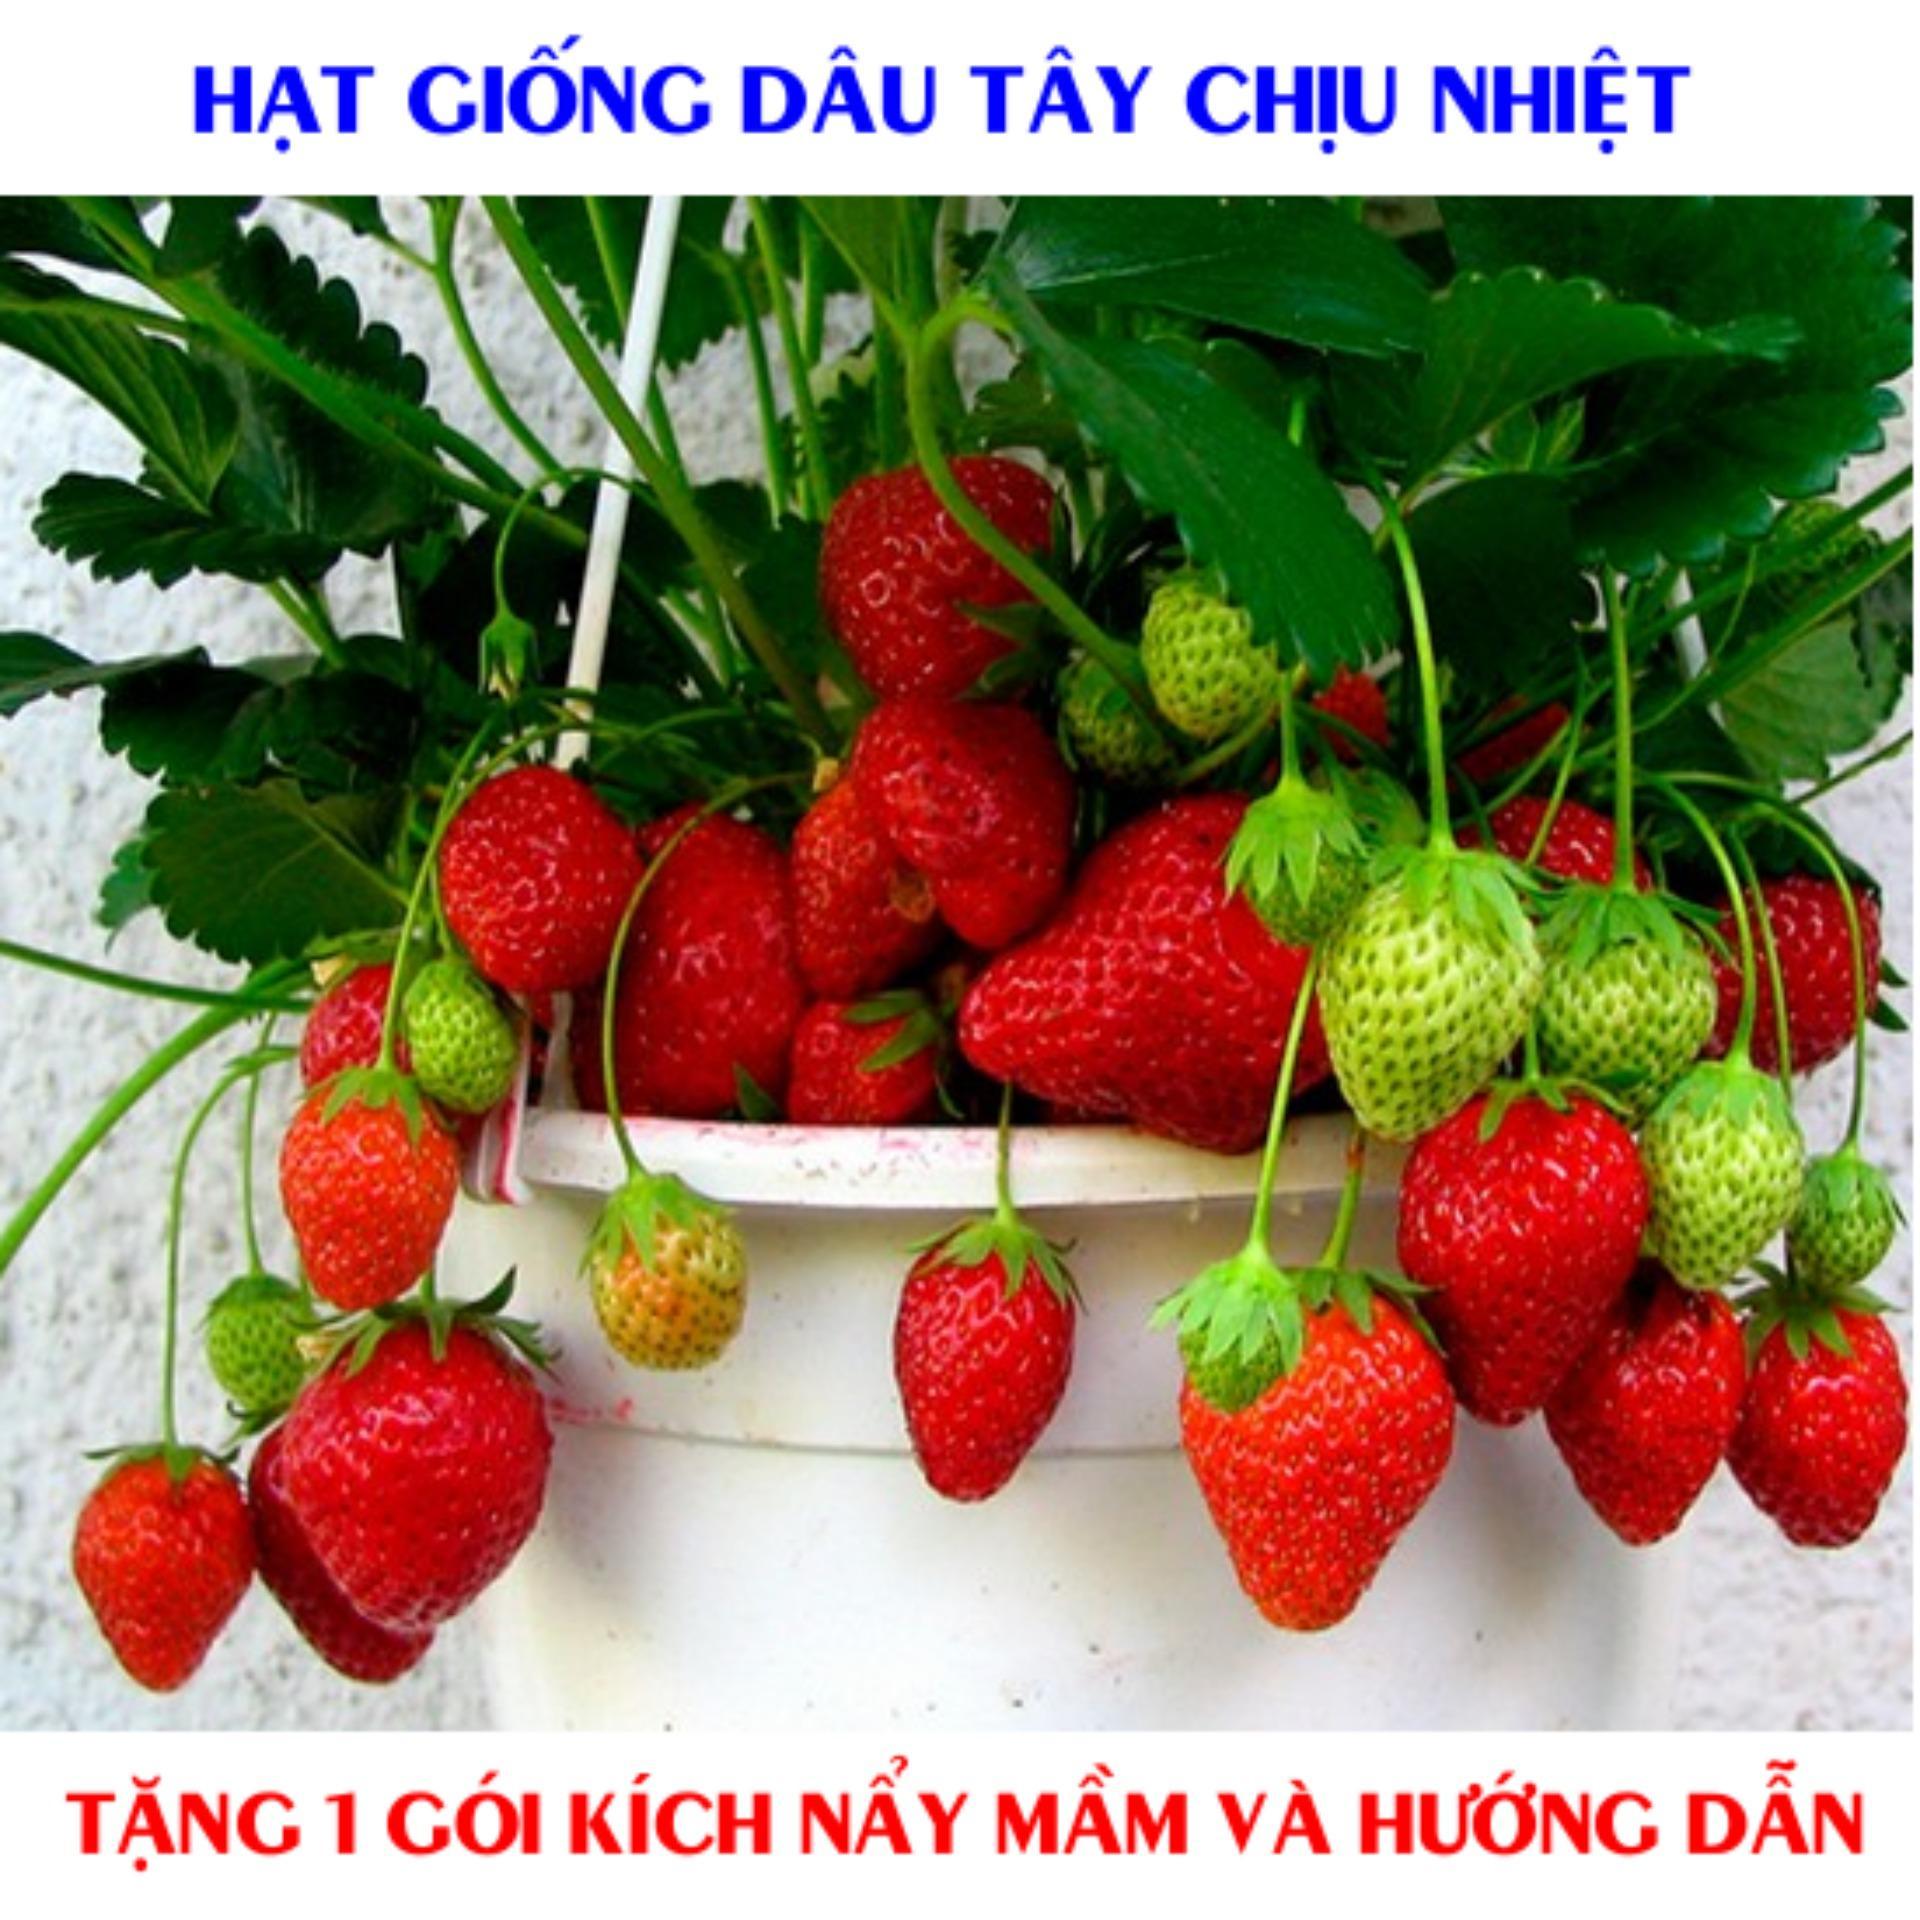 Hình ảnh Gói 100 Hạt giống Dâu Tây đỏ Quả To, Chịu Nhiệt (tặng gói kích nẩy mầm và hướng dẫn)